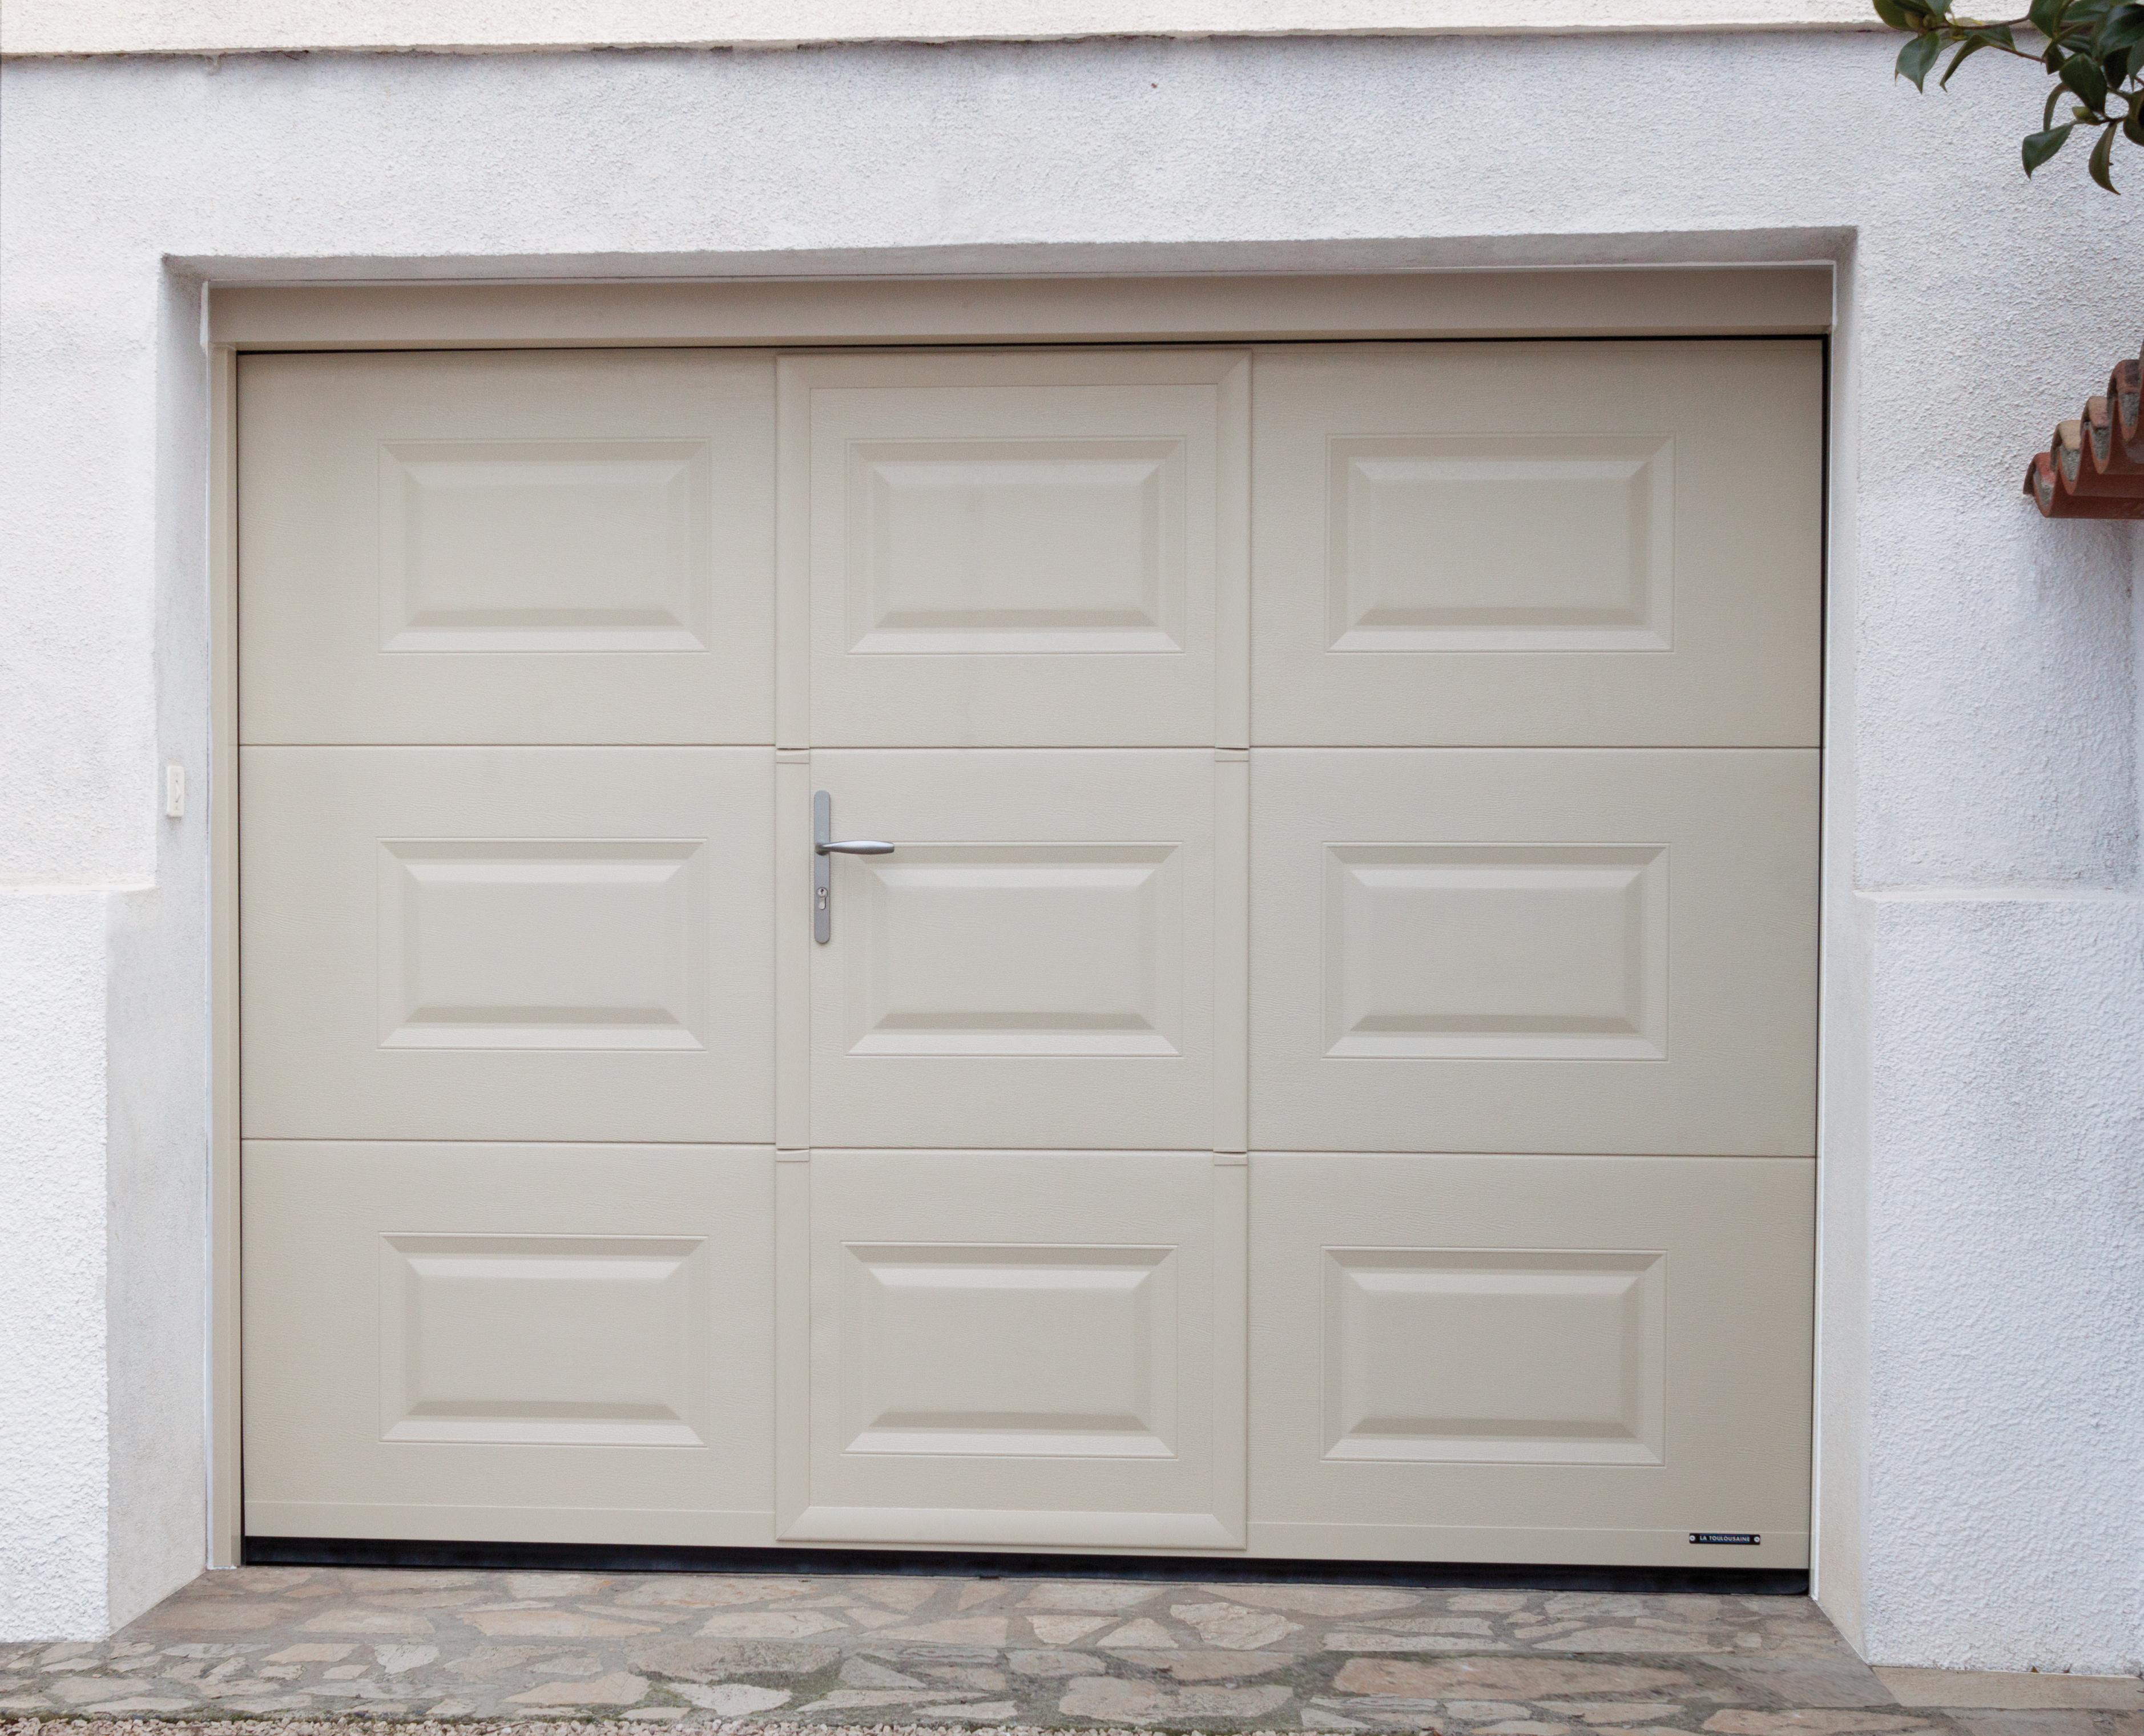 Porte de garage la toulousaine prix isolation id es - Prix porte de garage basculante avec portillon ...